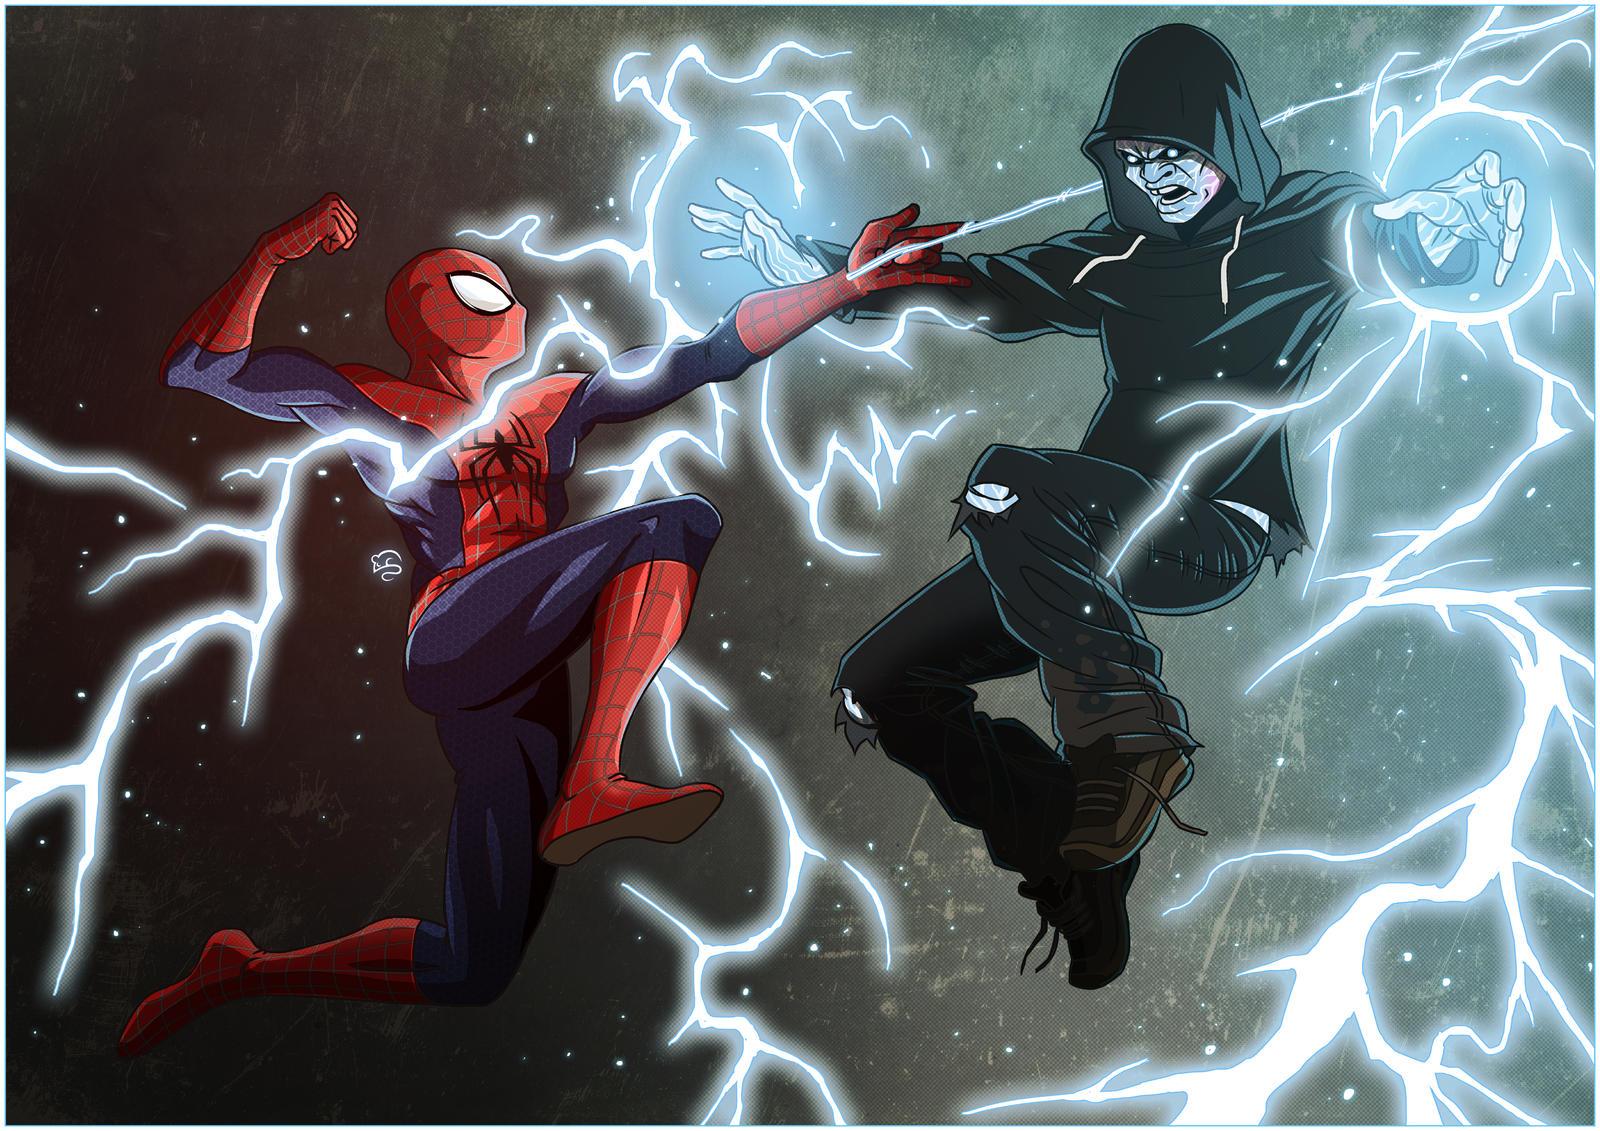 Spidey vs Electro by TovMauzer on DeviantArt